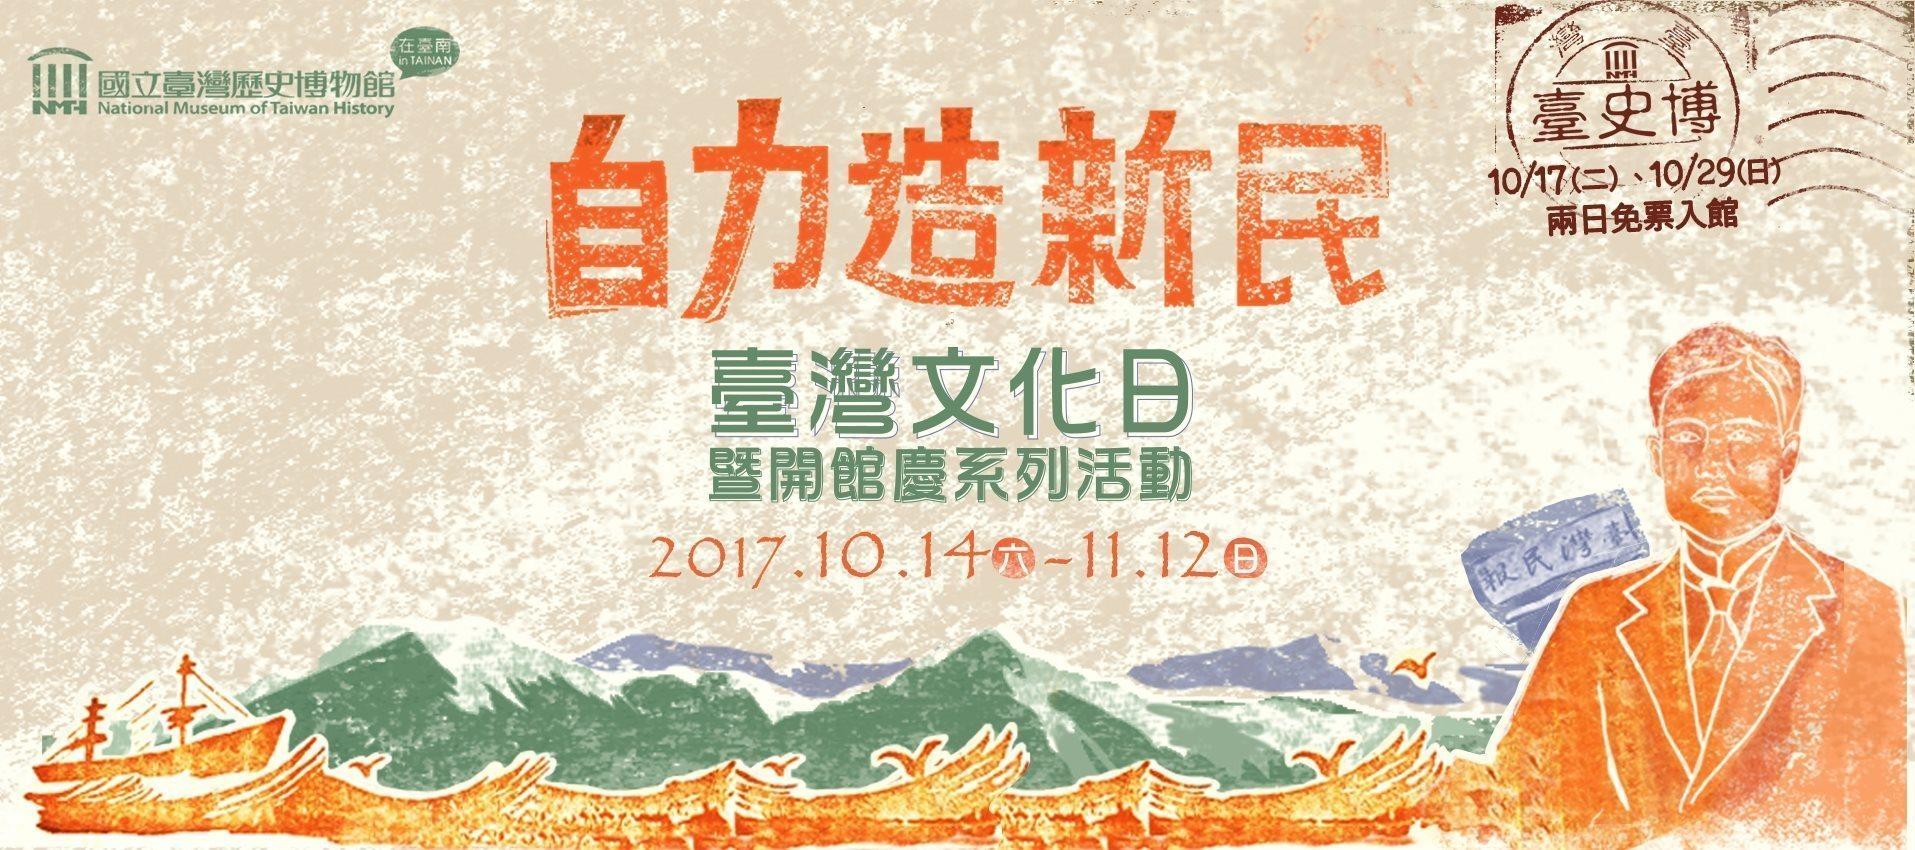 10.17、10.29免票入館,「自立造新民」系列活動開跑![另開新視窗]